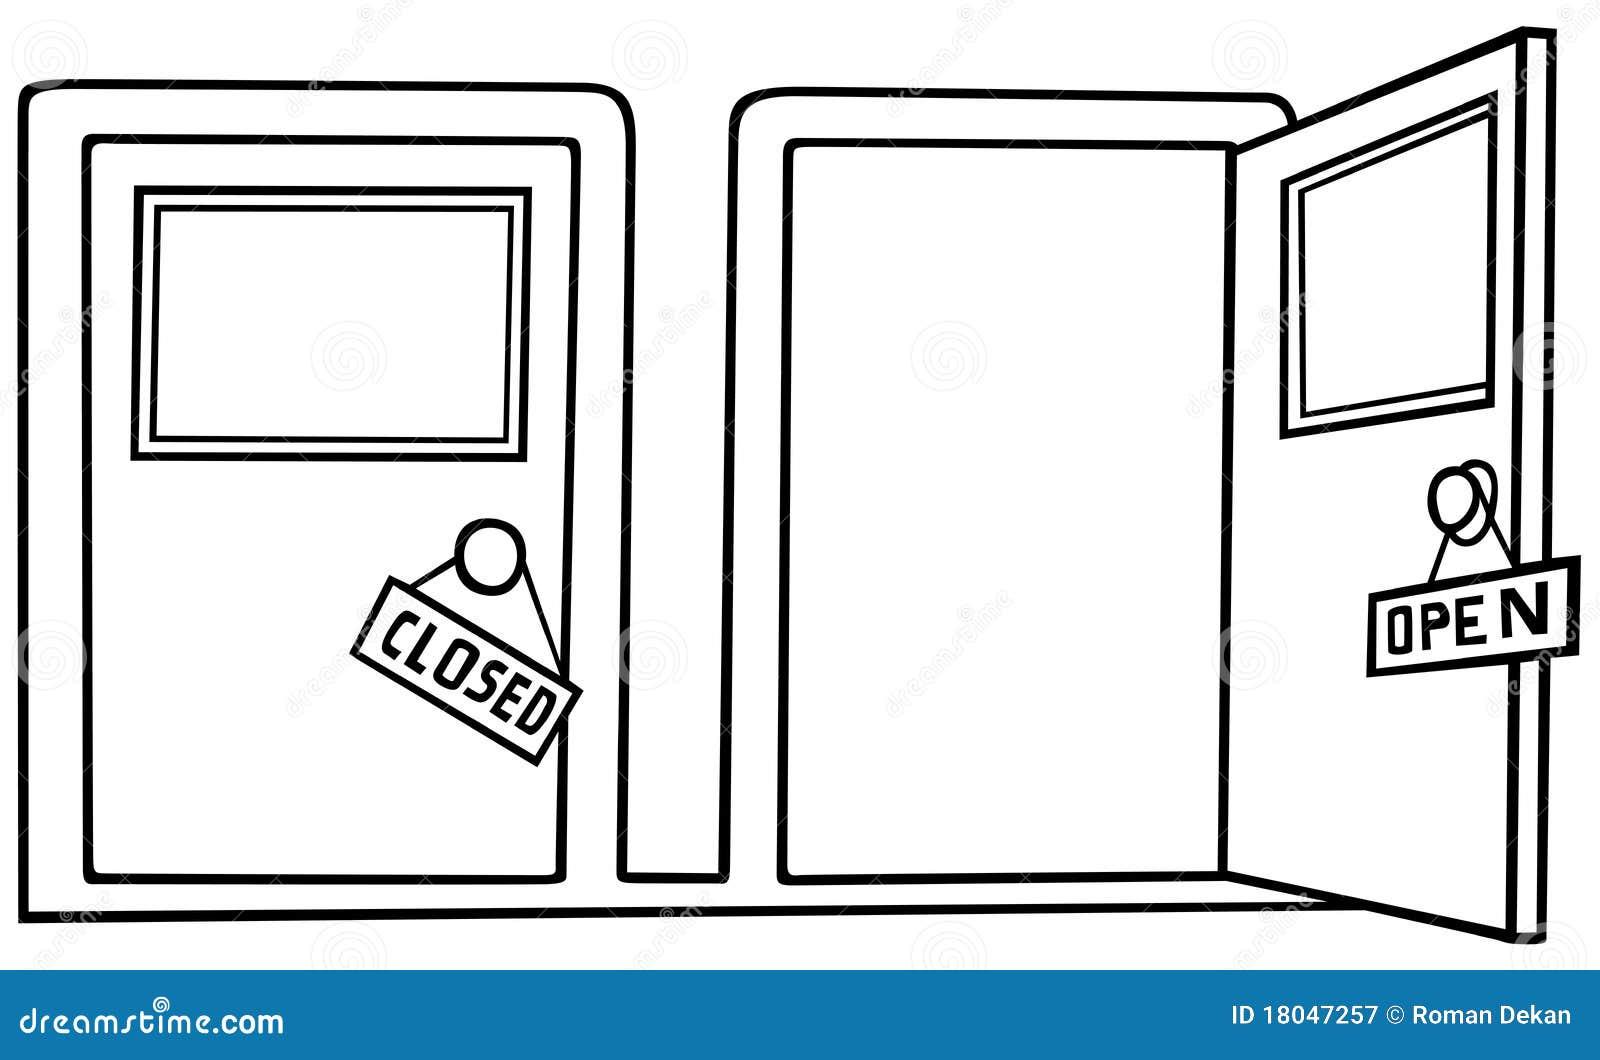 Double door clipart -  Double Door Clipart Porta Aberta E Pr 243 Xima Ilustra 231 227 O Preto E Branco Dos Desenhos